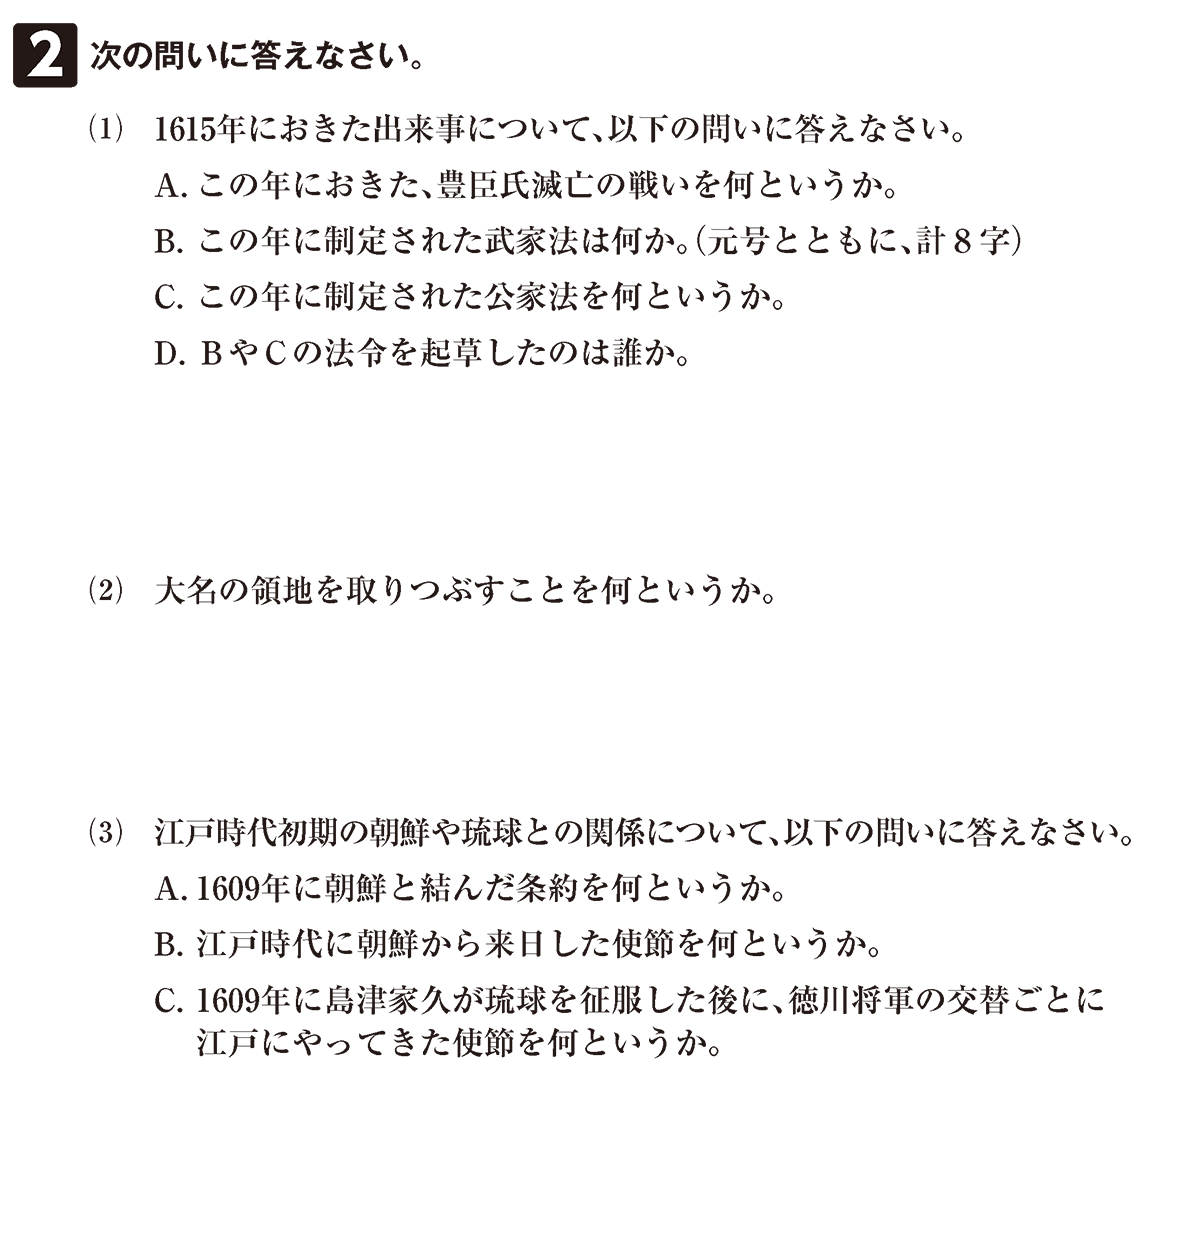 近世15 問題2 問題